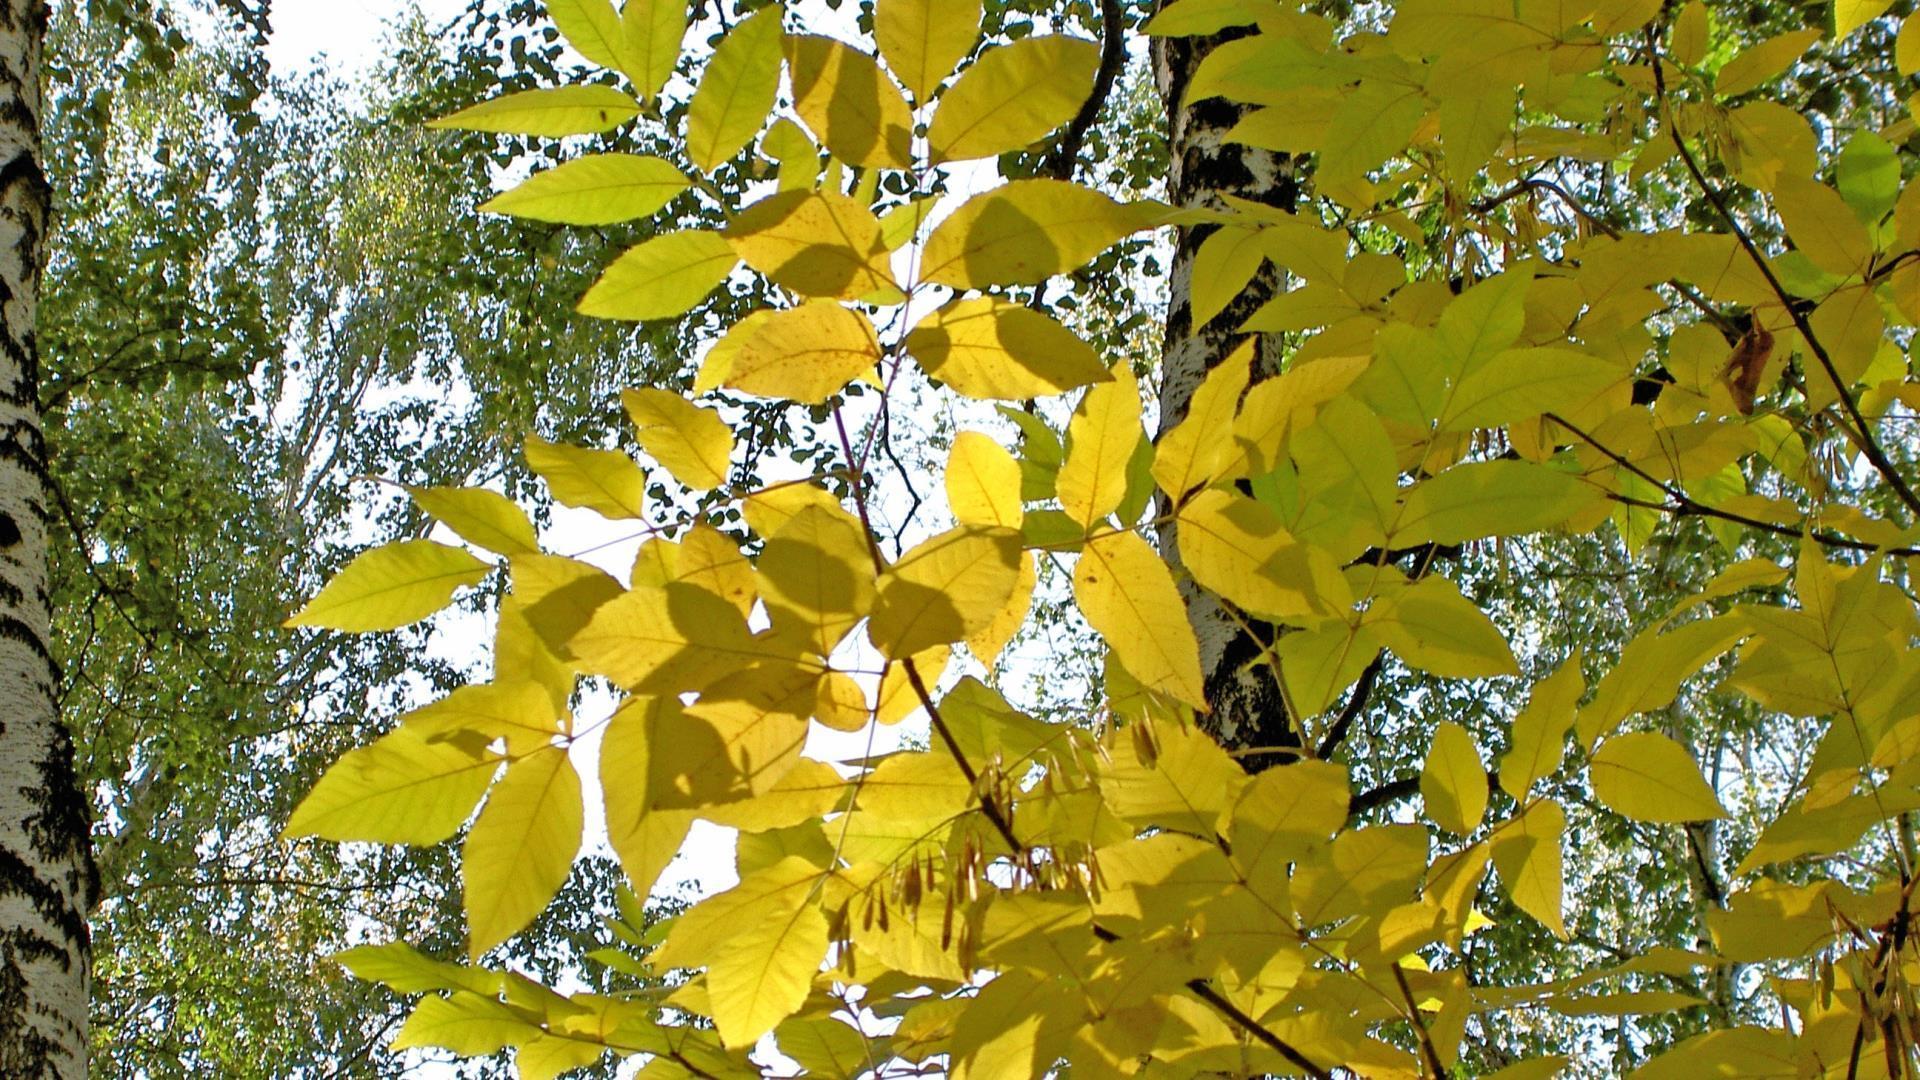 vert-et-jaune_arbres-en-contre-jour_1